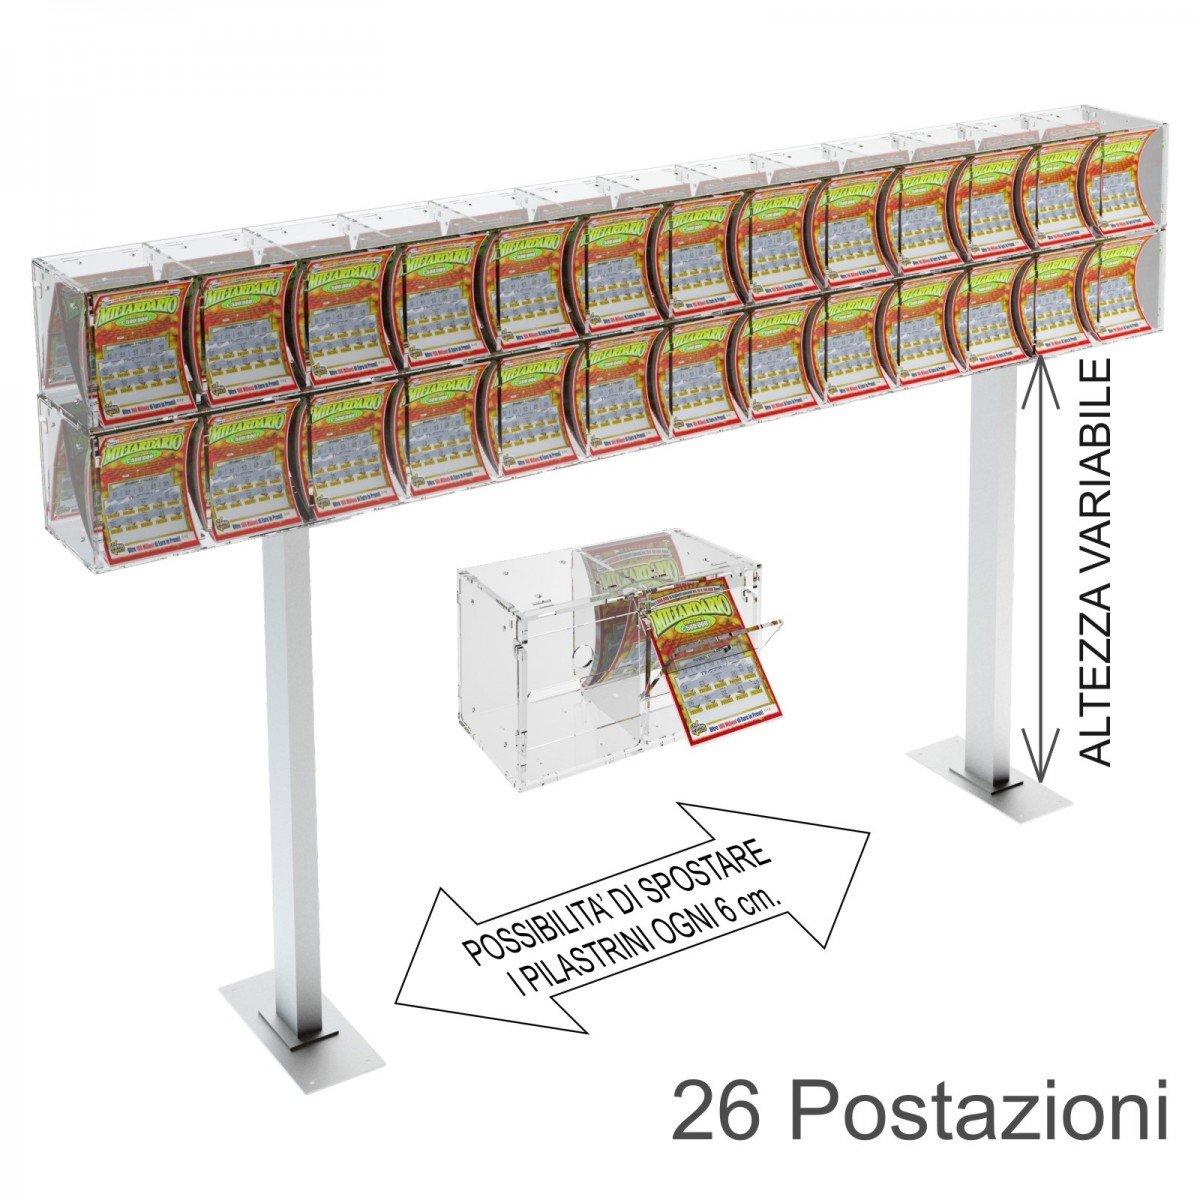 Espositore gratta e vinci da banco in plexiglass trasparente a 26 contenitori munito di sportellino frontale lato rivenditore